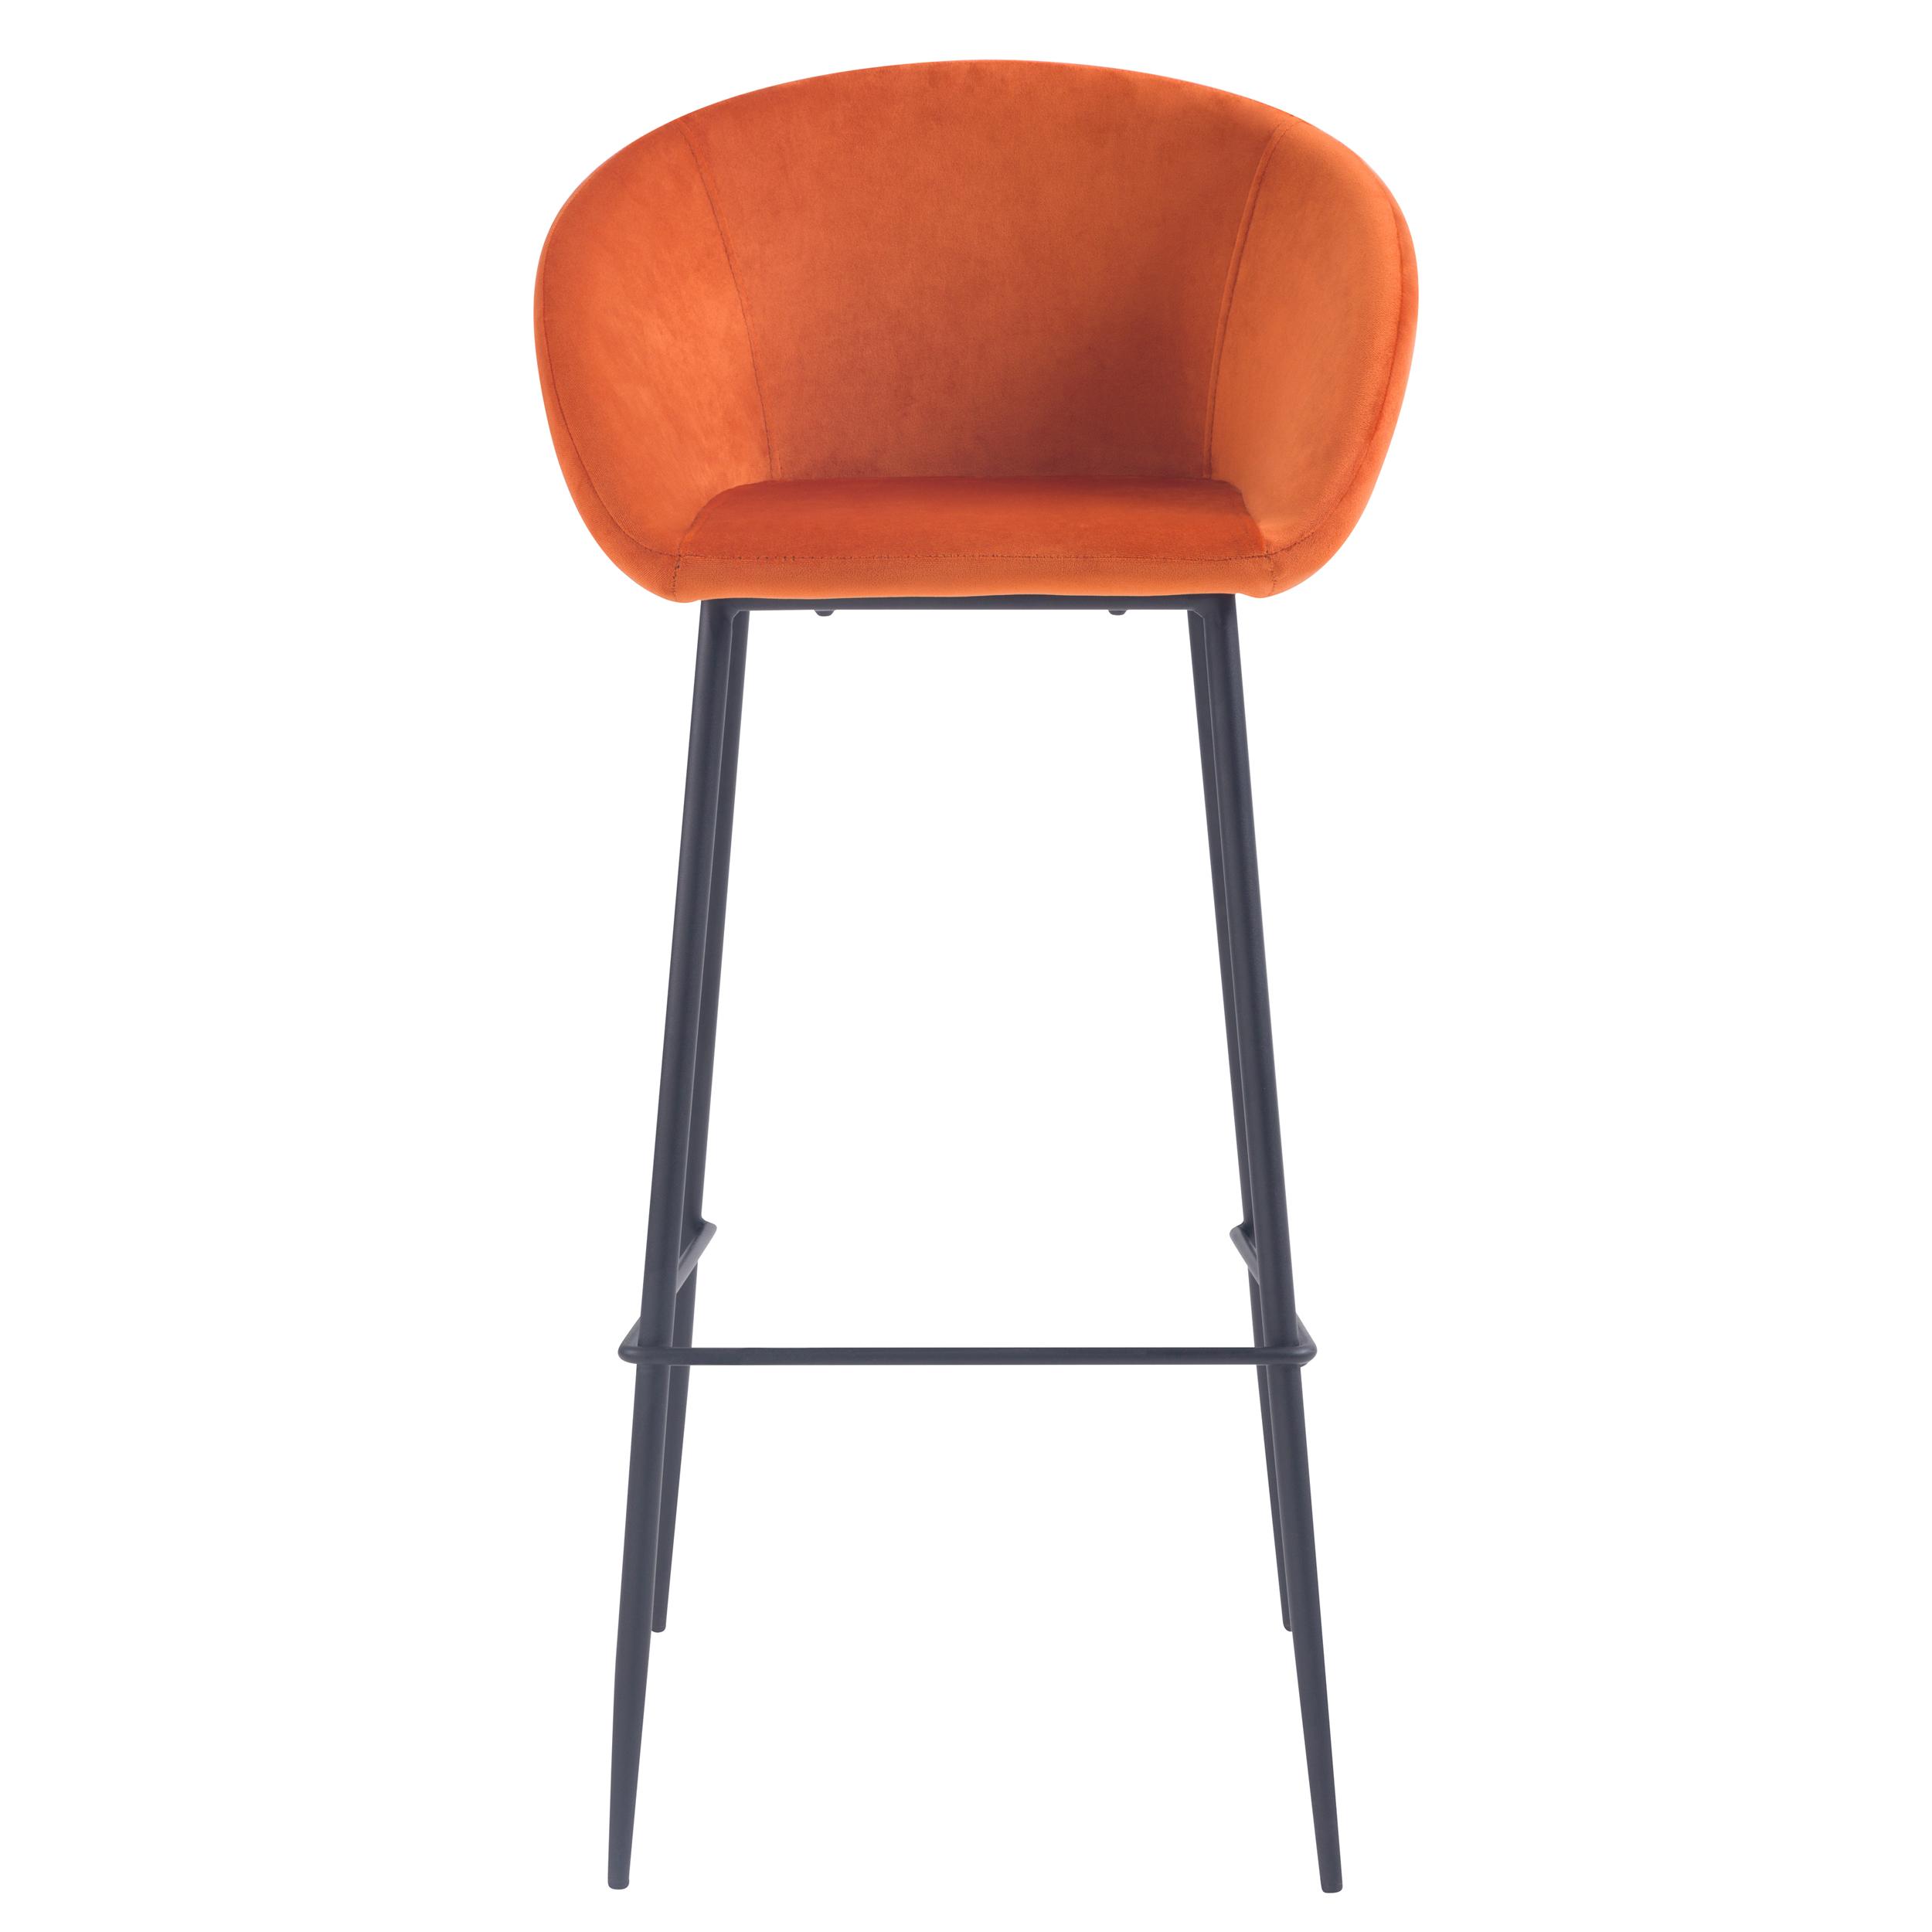 Chaise de bar 75 cm en velours orange (lot de 2)